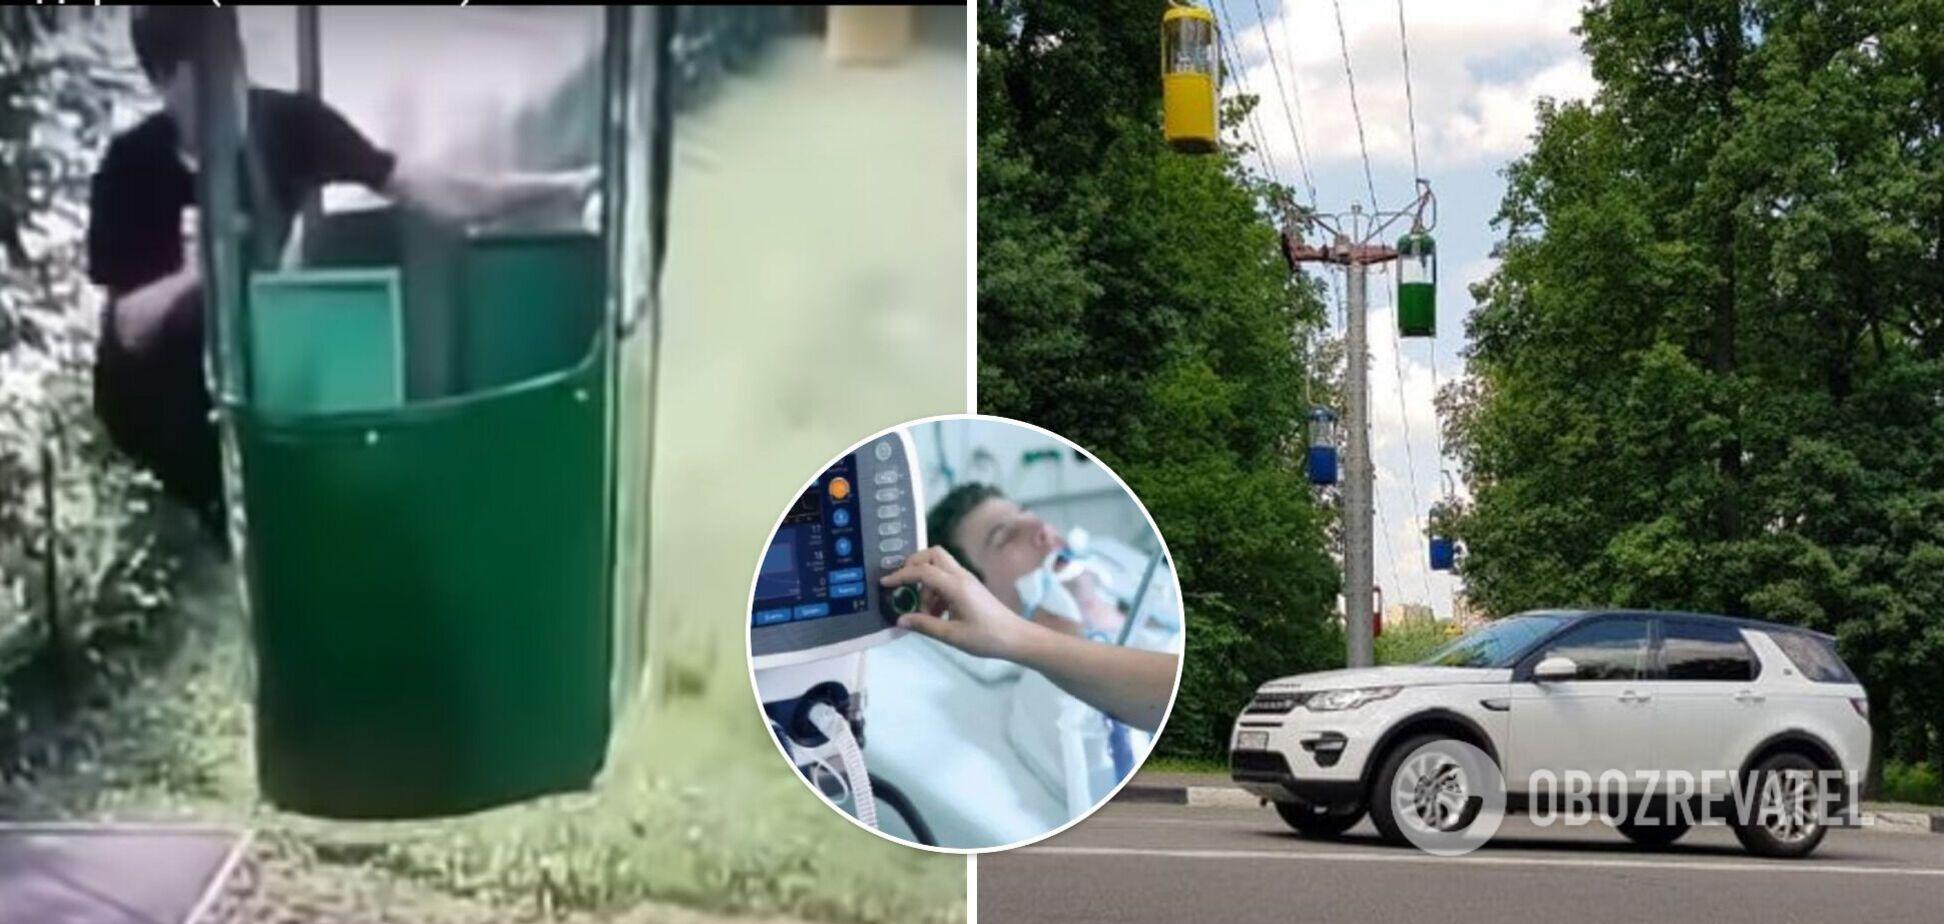 У Харкові медики рятують хлопця, який випав із кабінки канатної дороги: є дві версії НП